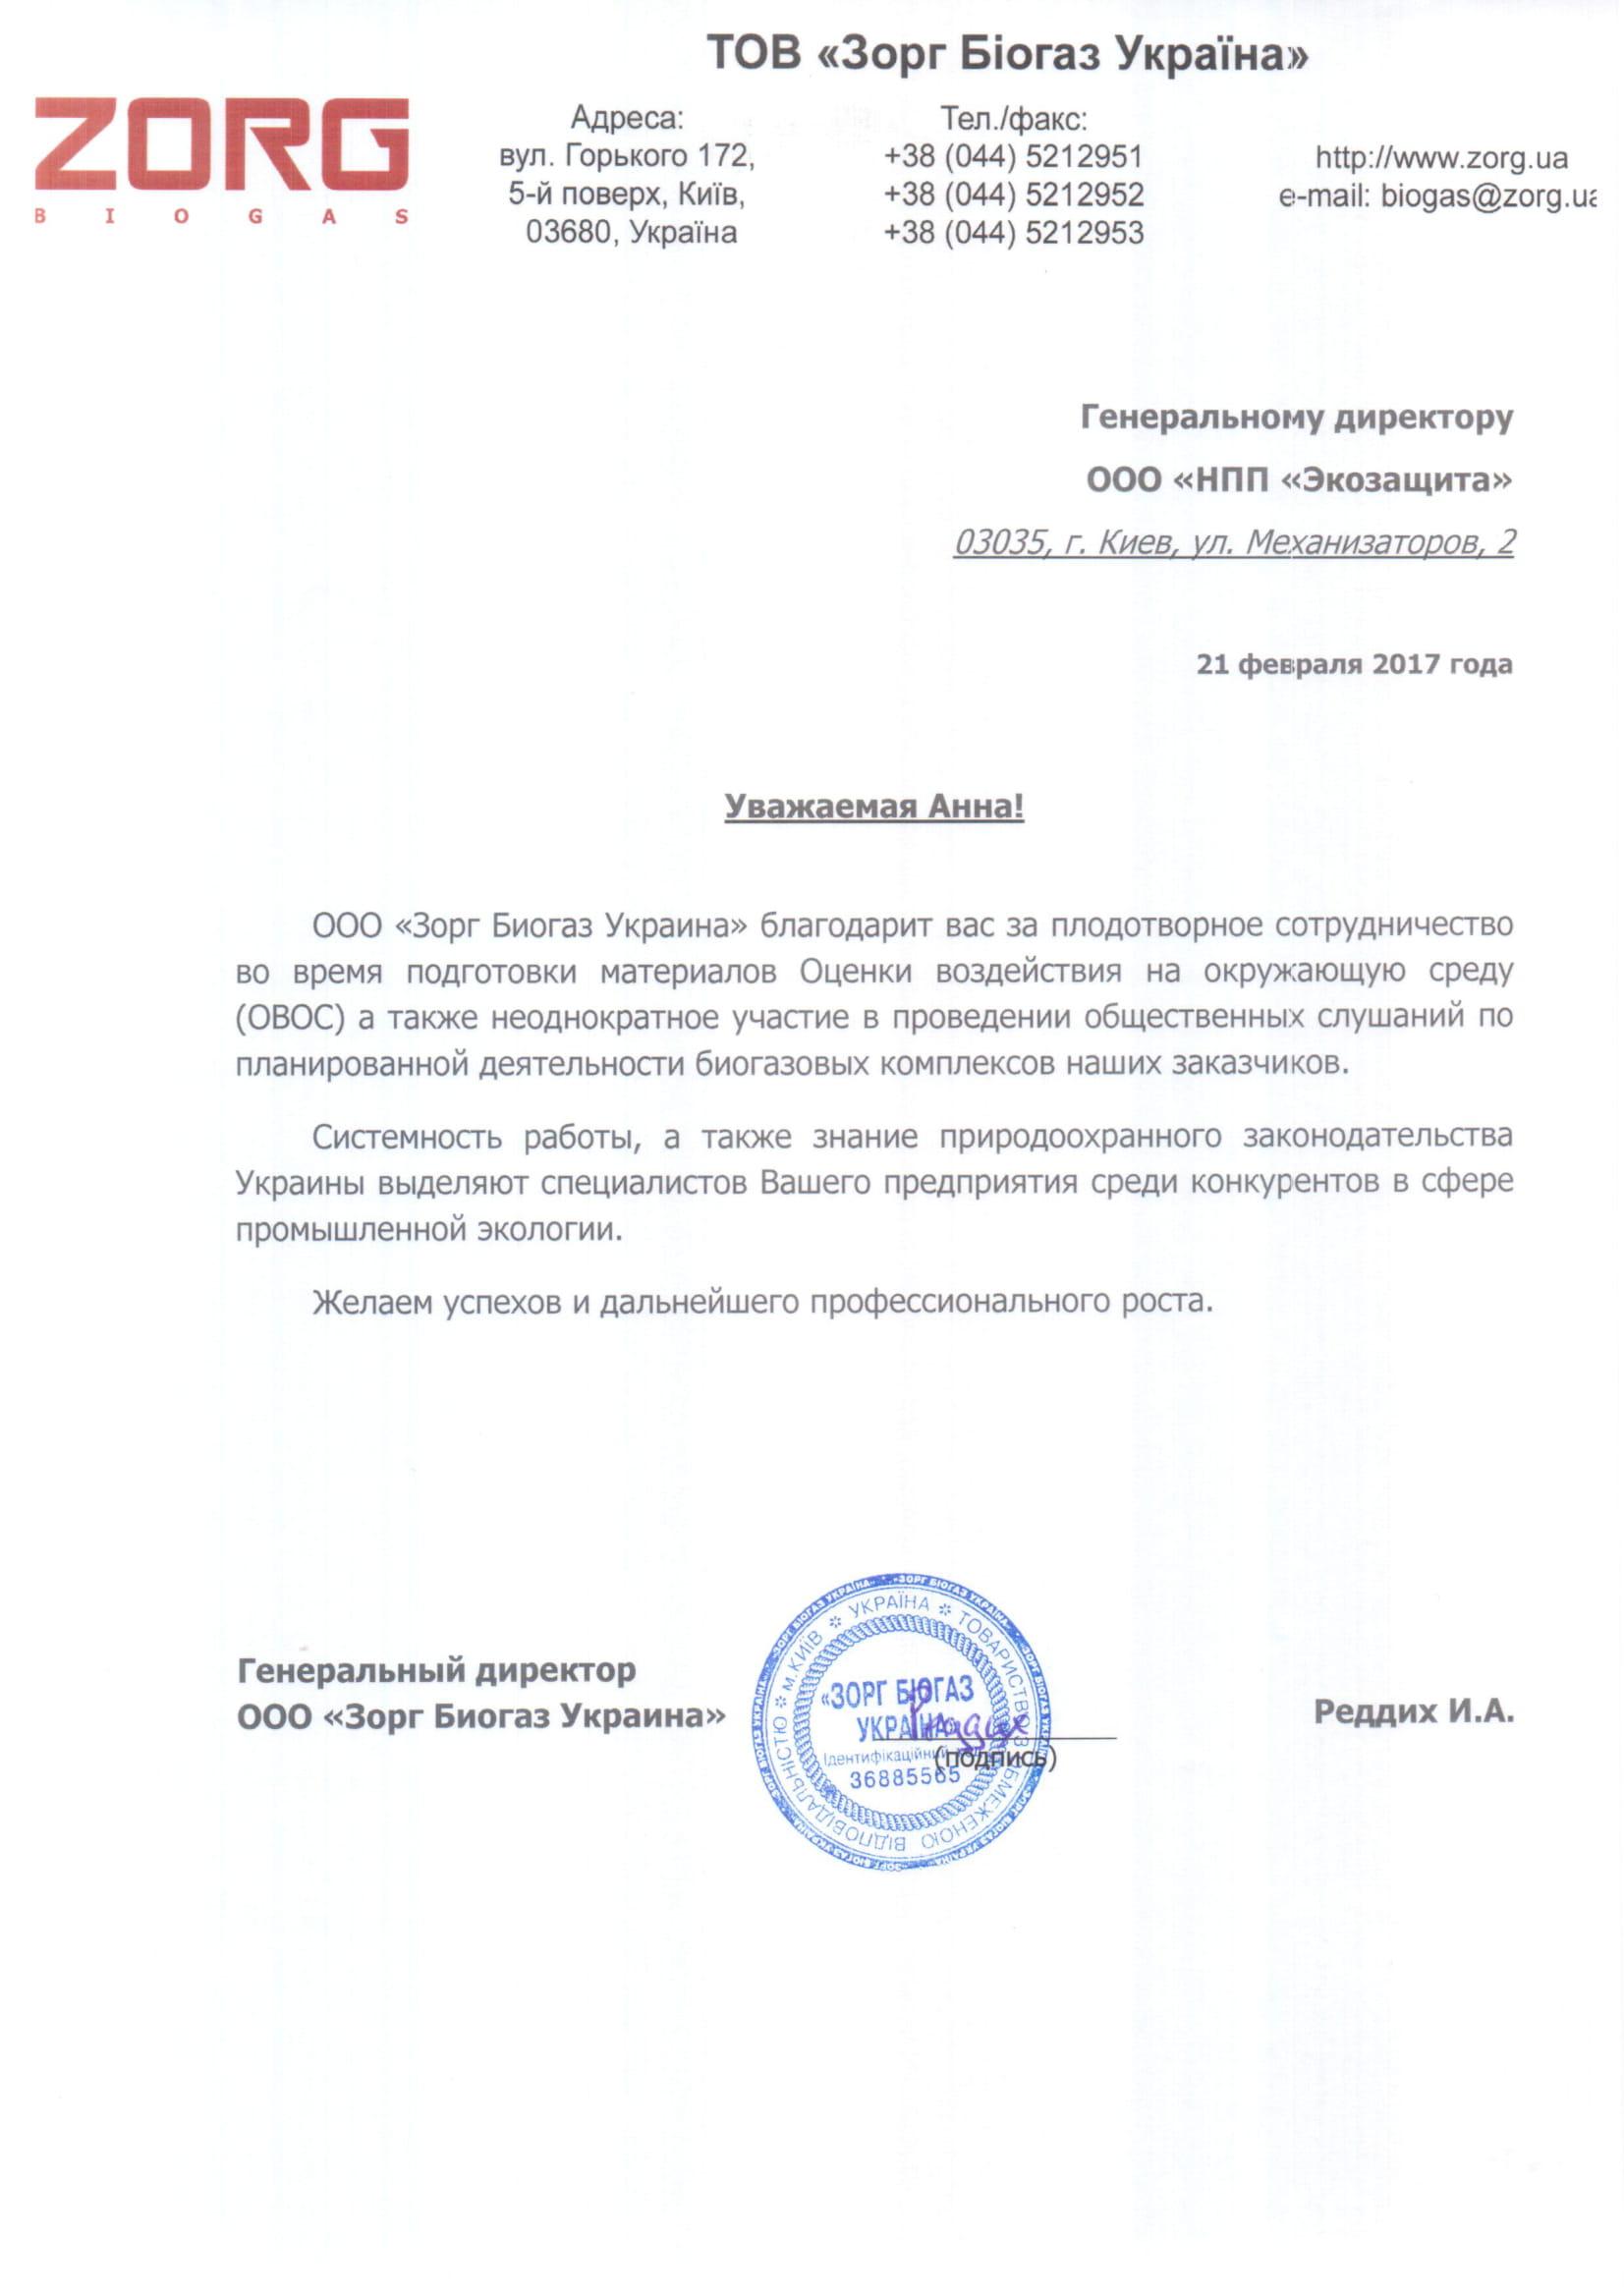 """Генеральный директор ООО """"Зорг Биогаз Украина"""" – Реддих И.А."""